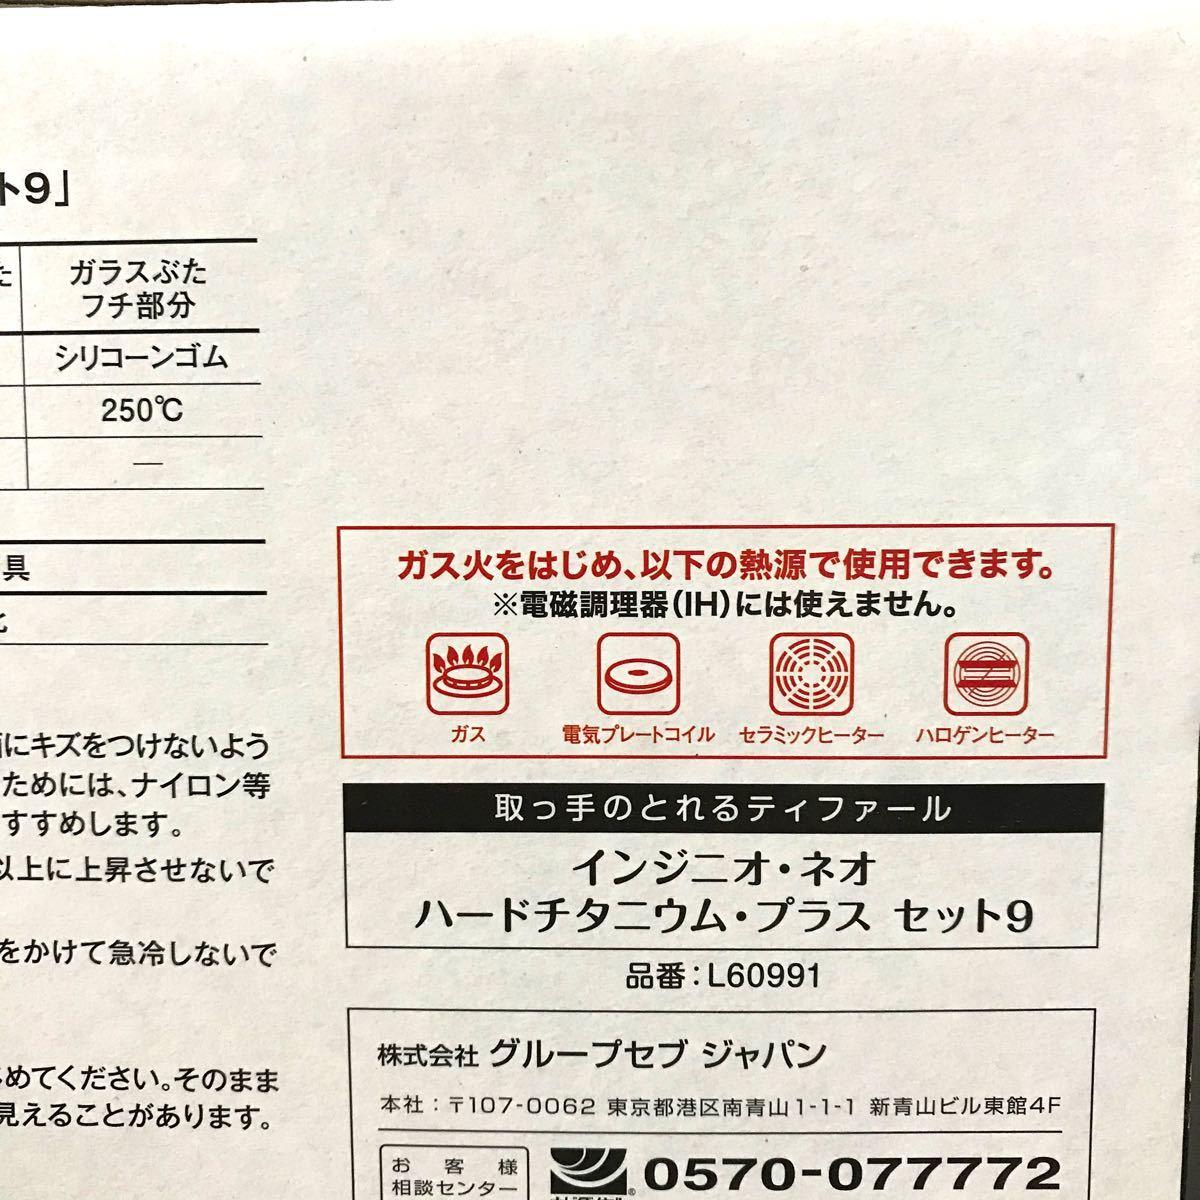 ティファール インジニオネオ ハードチタニウム 9点セット 新品未開封  T-fal  ガス火専用 27時までの御購入で即日発送♪